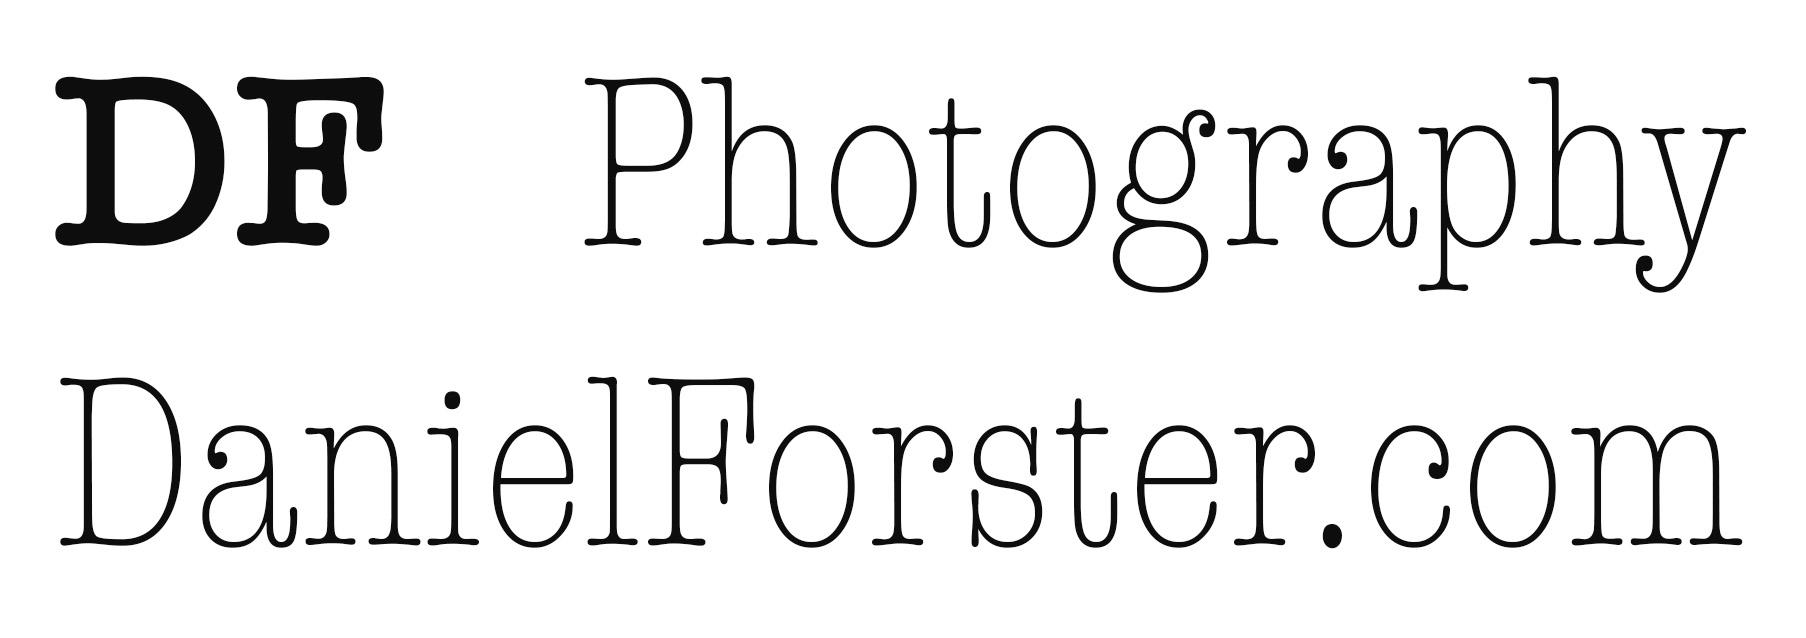 Logo-02 copy.jpg